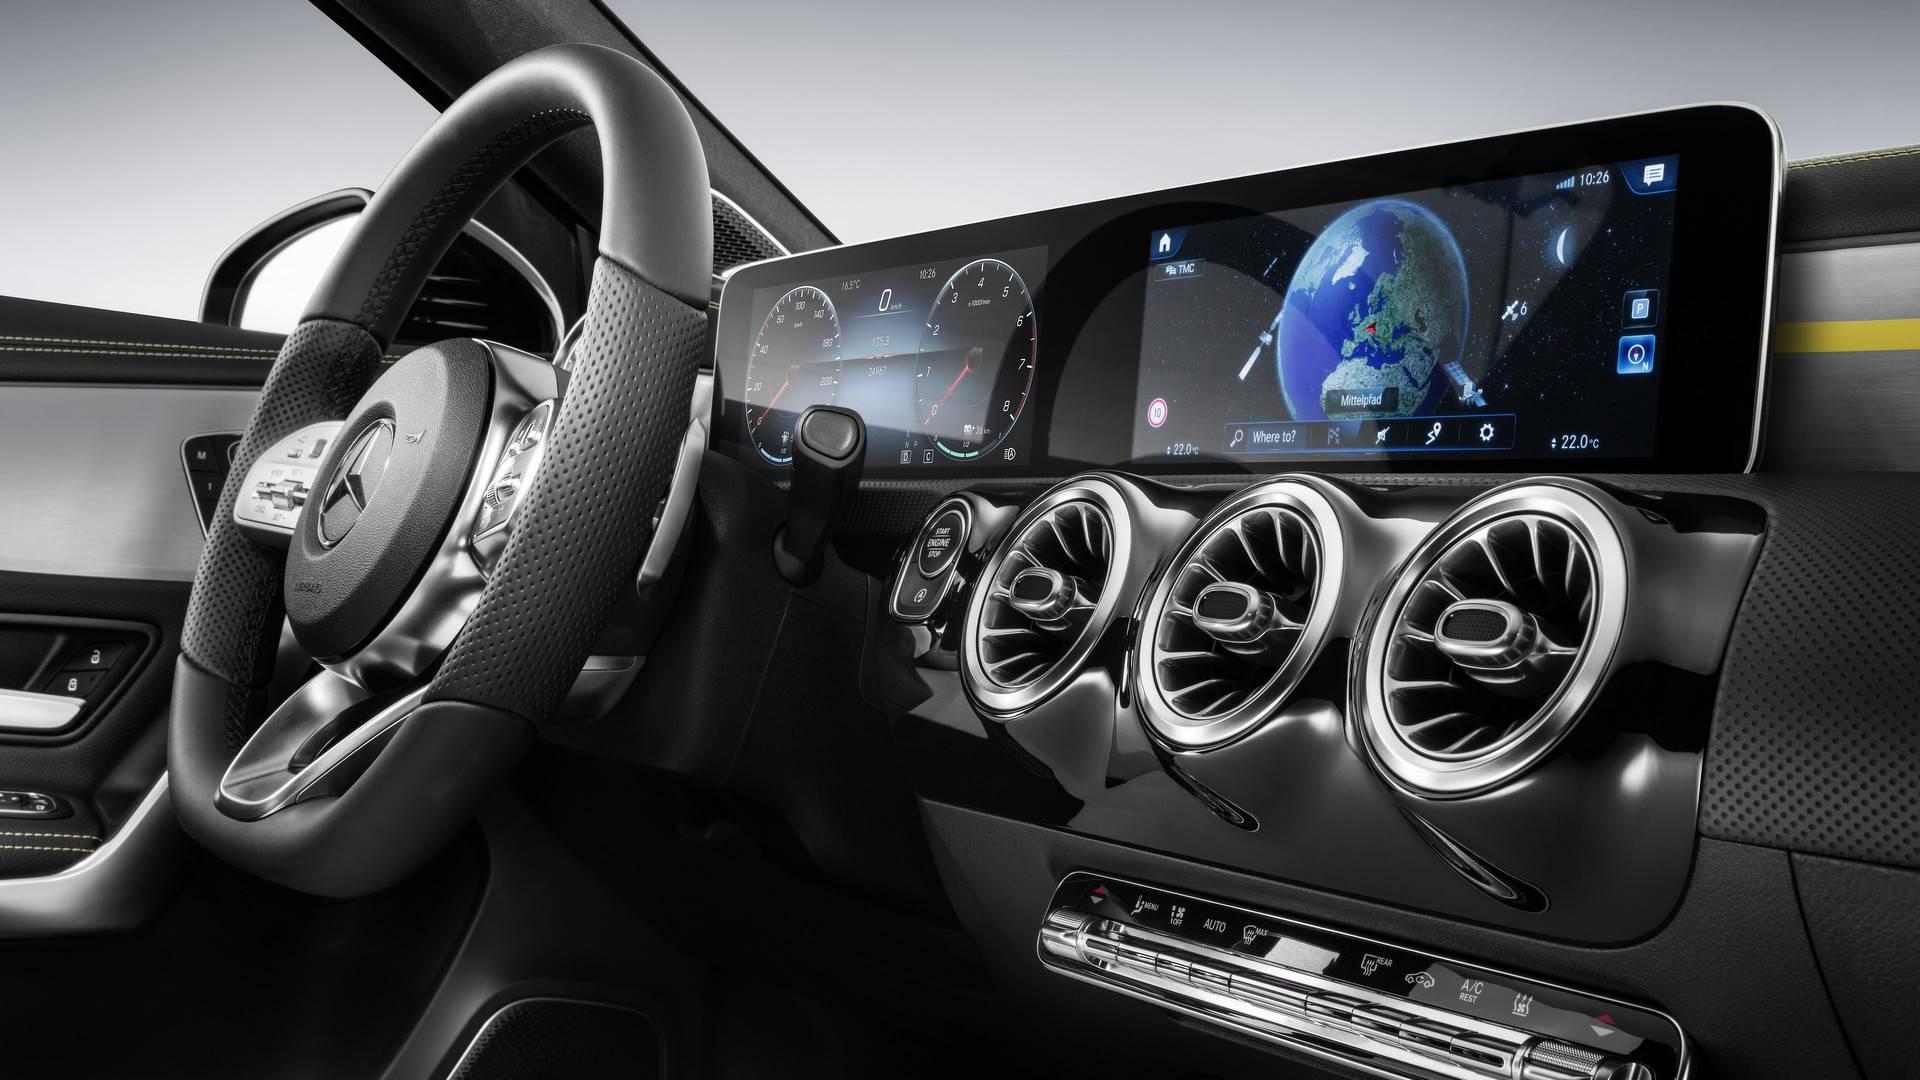 2018 Mercedes A Class Reveals Its High Tech Interior